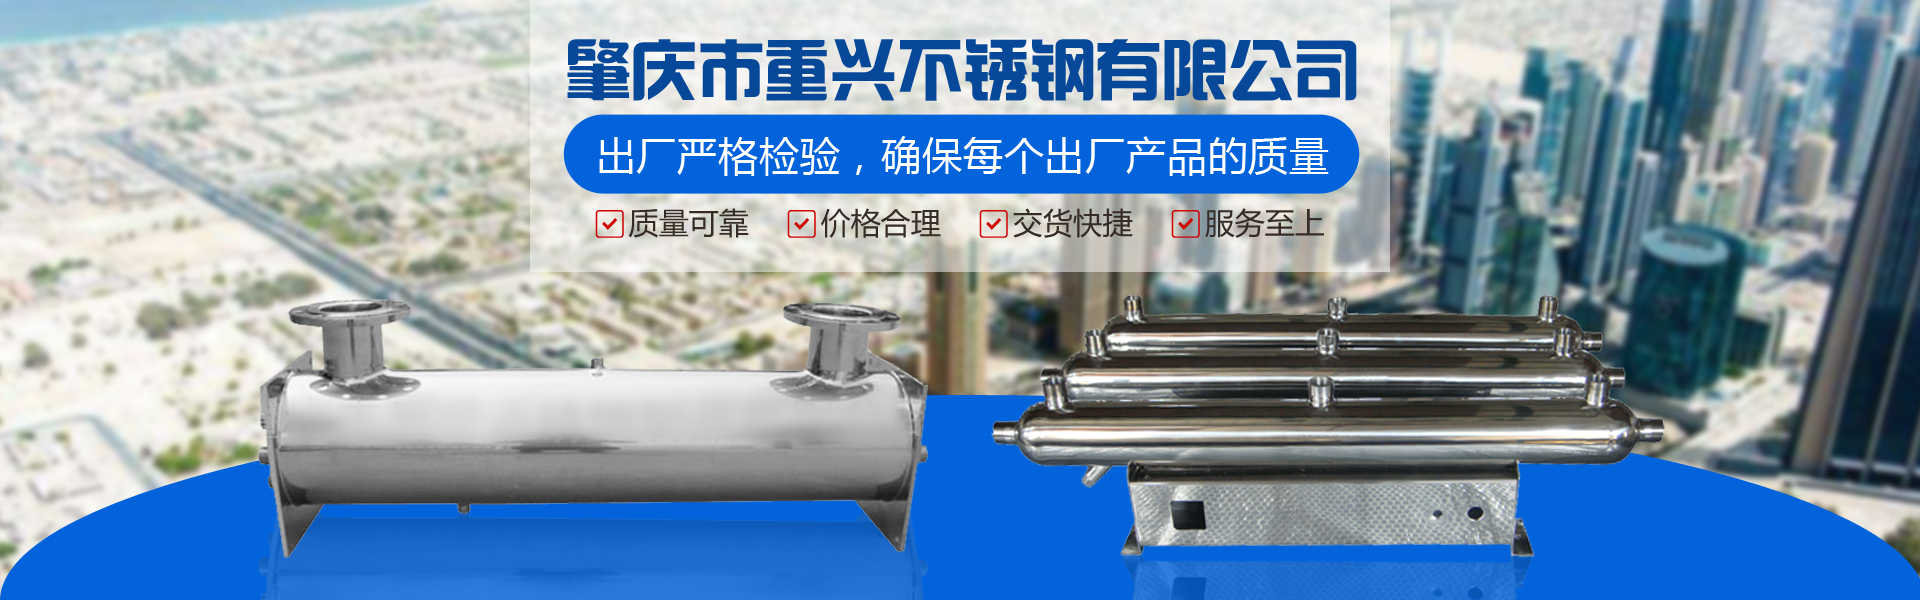 肇庆市重兴不锈钢有限企业专业生产不锈钢集分水器、不锈钢紫外线杀菌器等不锈钢制品。出厂严格检验,确保每个出厂产品的质量。